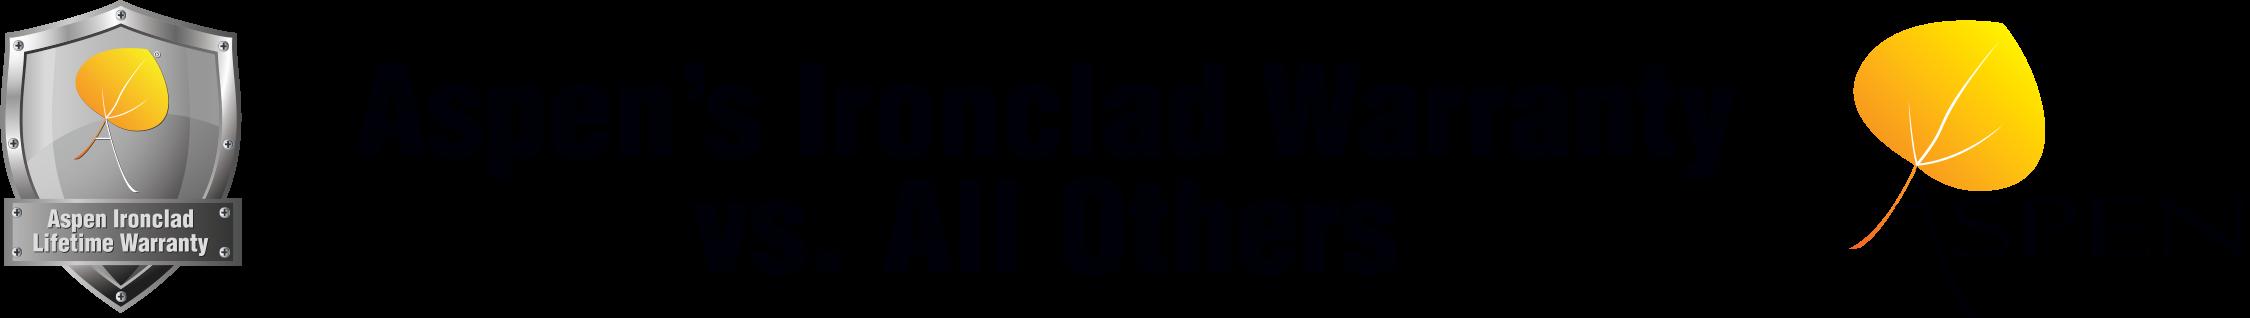 Aspen warranty Logo, Aspen Logo